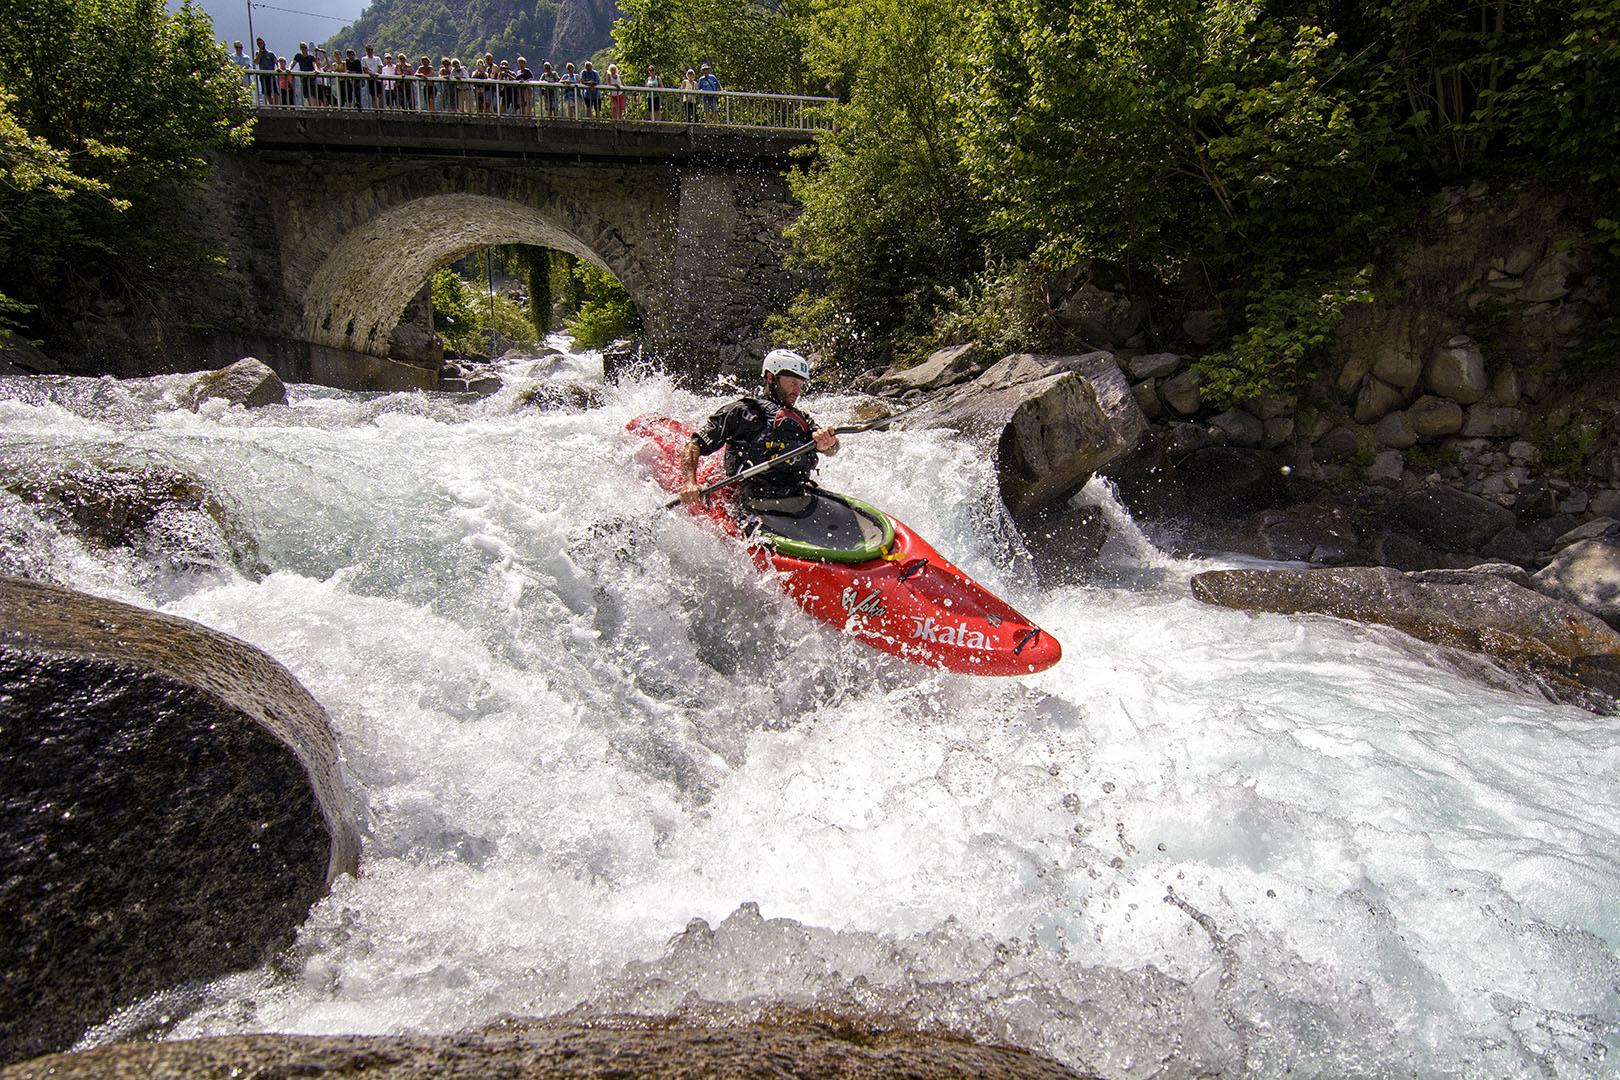 Con la grada llena - Deportes y aventuras - Iñaki Larrea, Fotografía de naturaleza y montaña